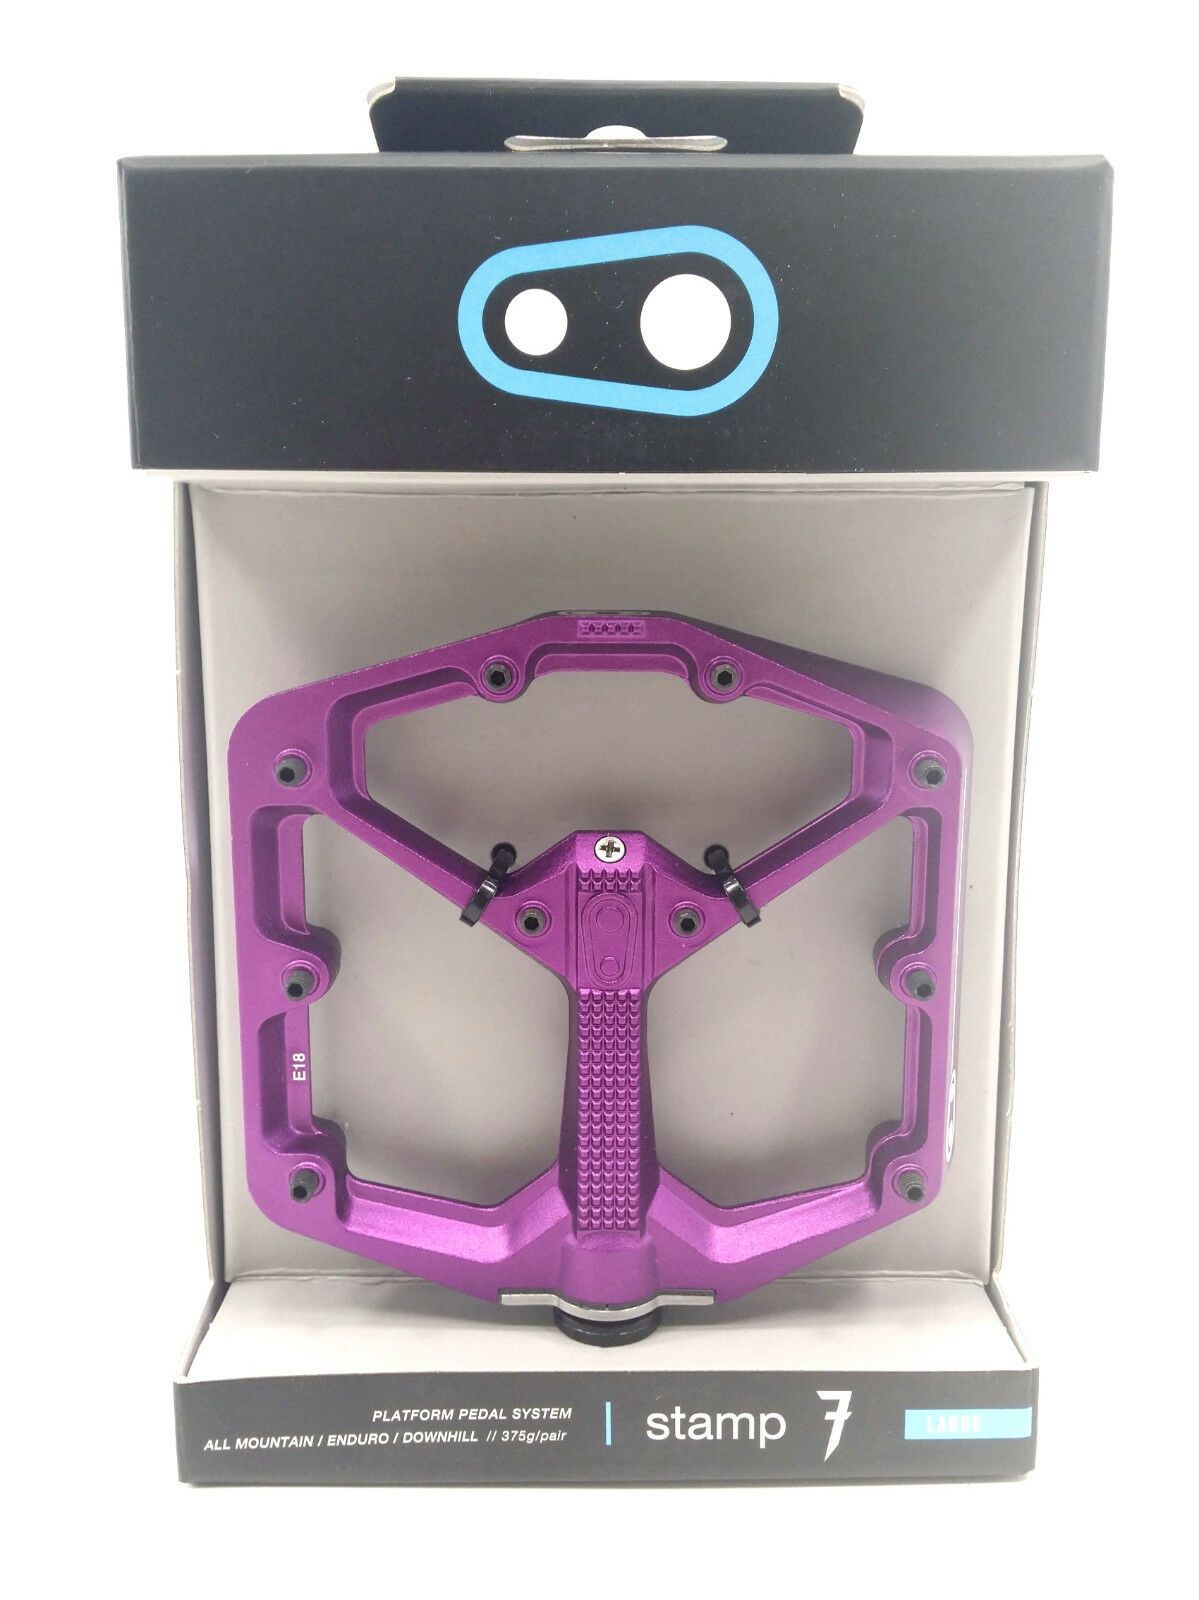 Crank Brojohers STAMP 7 Plataforma Mtb Pedales, grande, púrpura